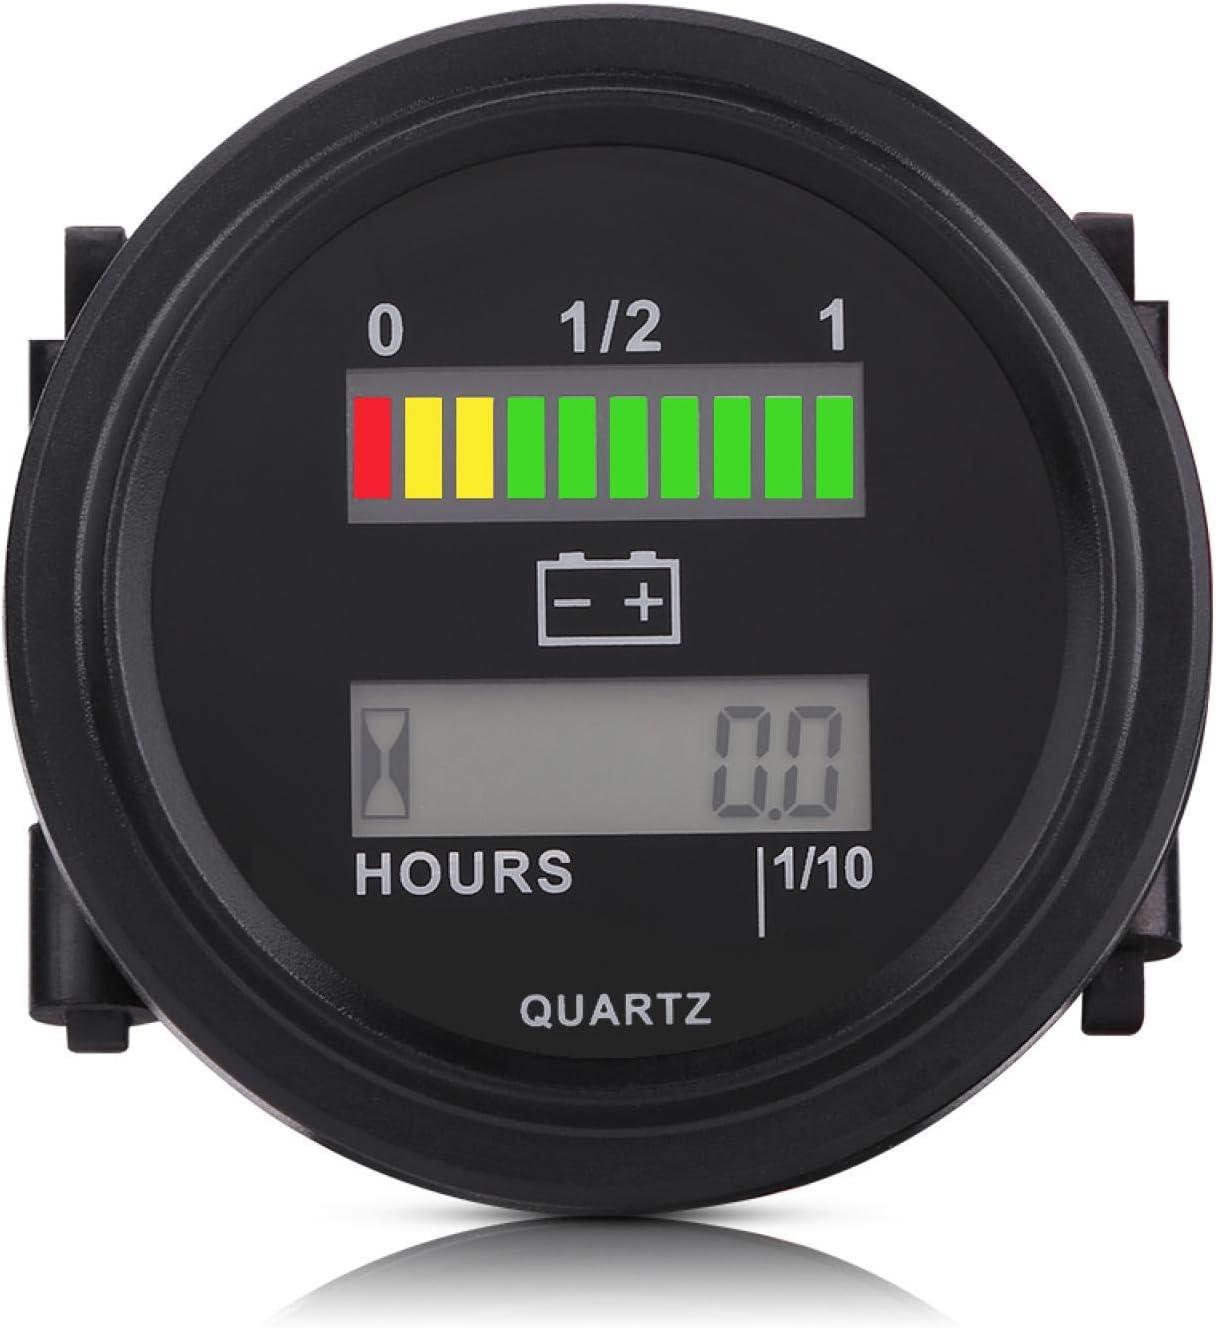 Medidor de indicador LED de batería, 12V/24V/36V/48V/72V Medidor de indicador de batería digital LED Voltímetro digital LED con medidor de horas apto para carrito de golf